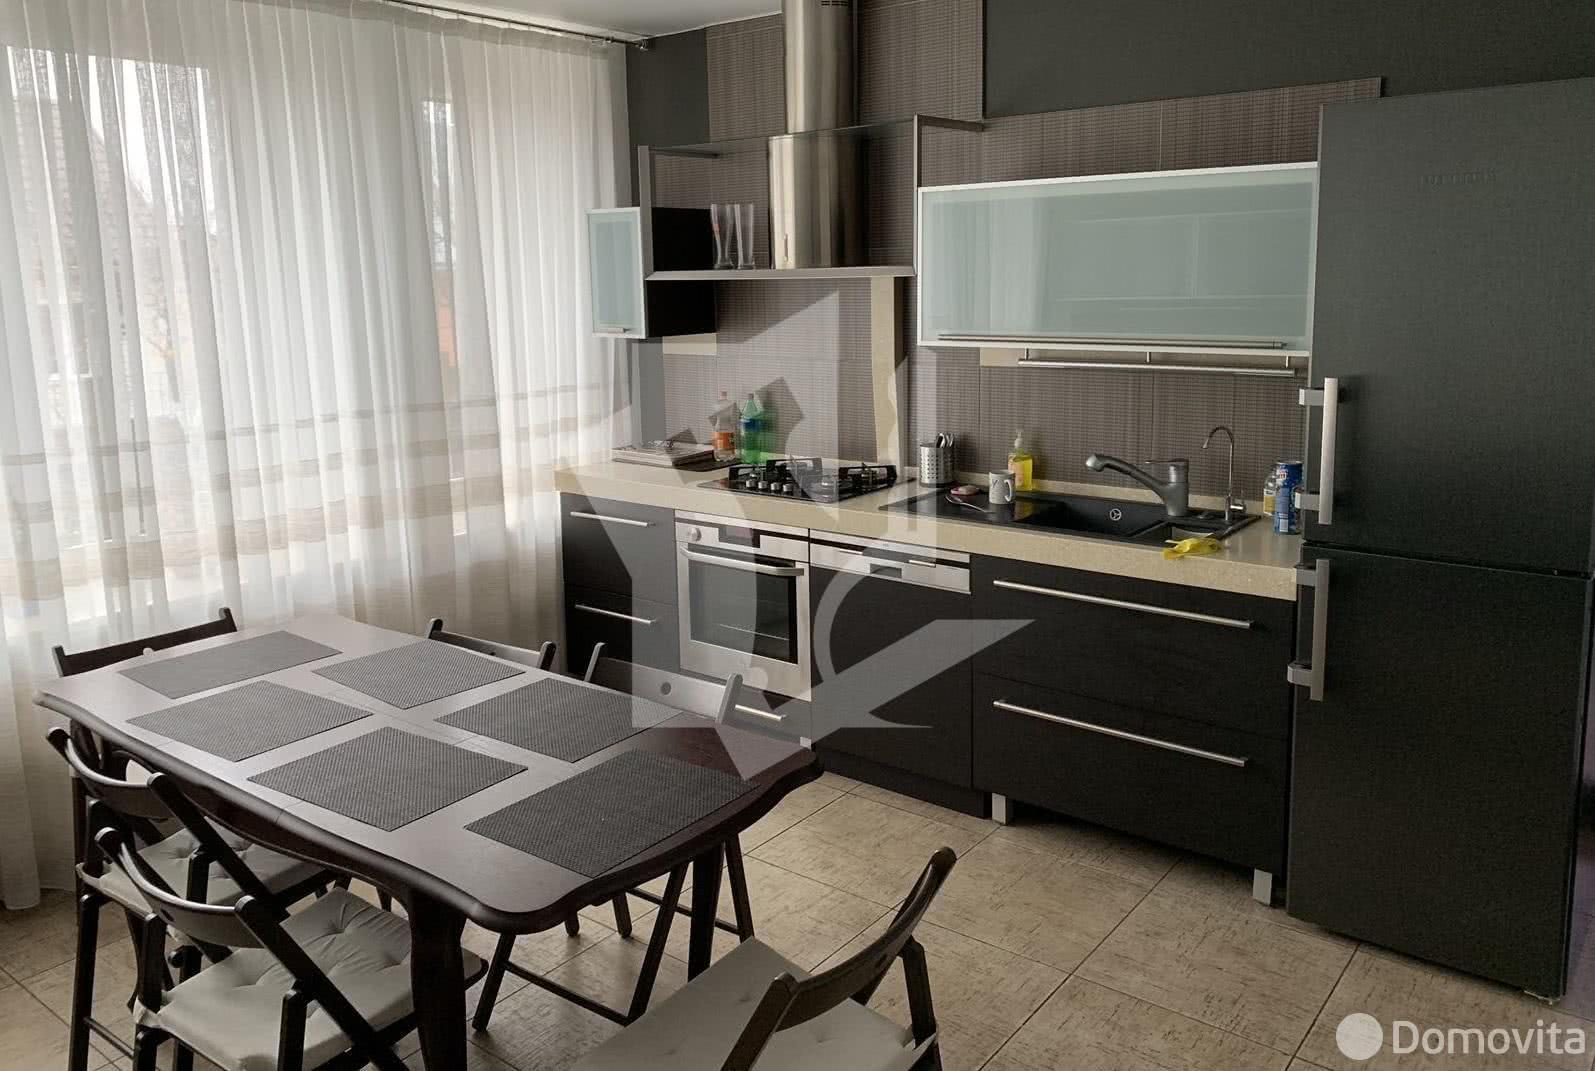 Аренда 3-этажного дома в Минске, Минская область, пер. Можайского 3-й - фото 4